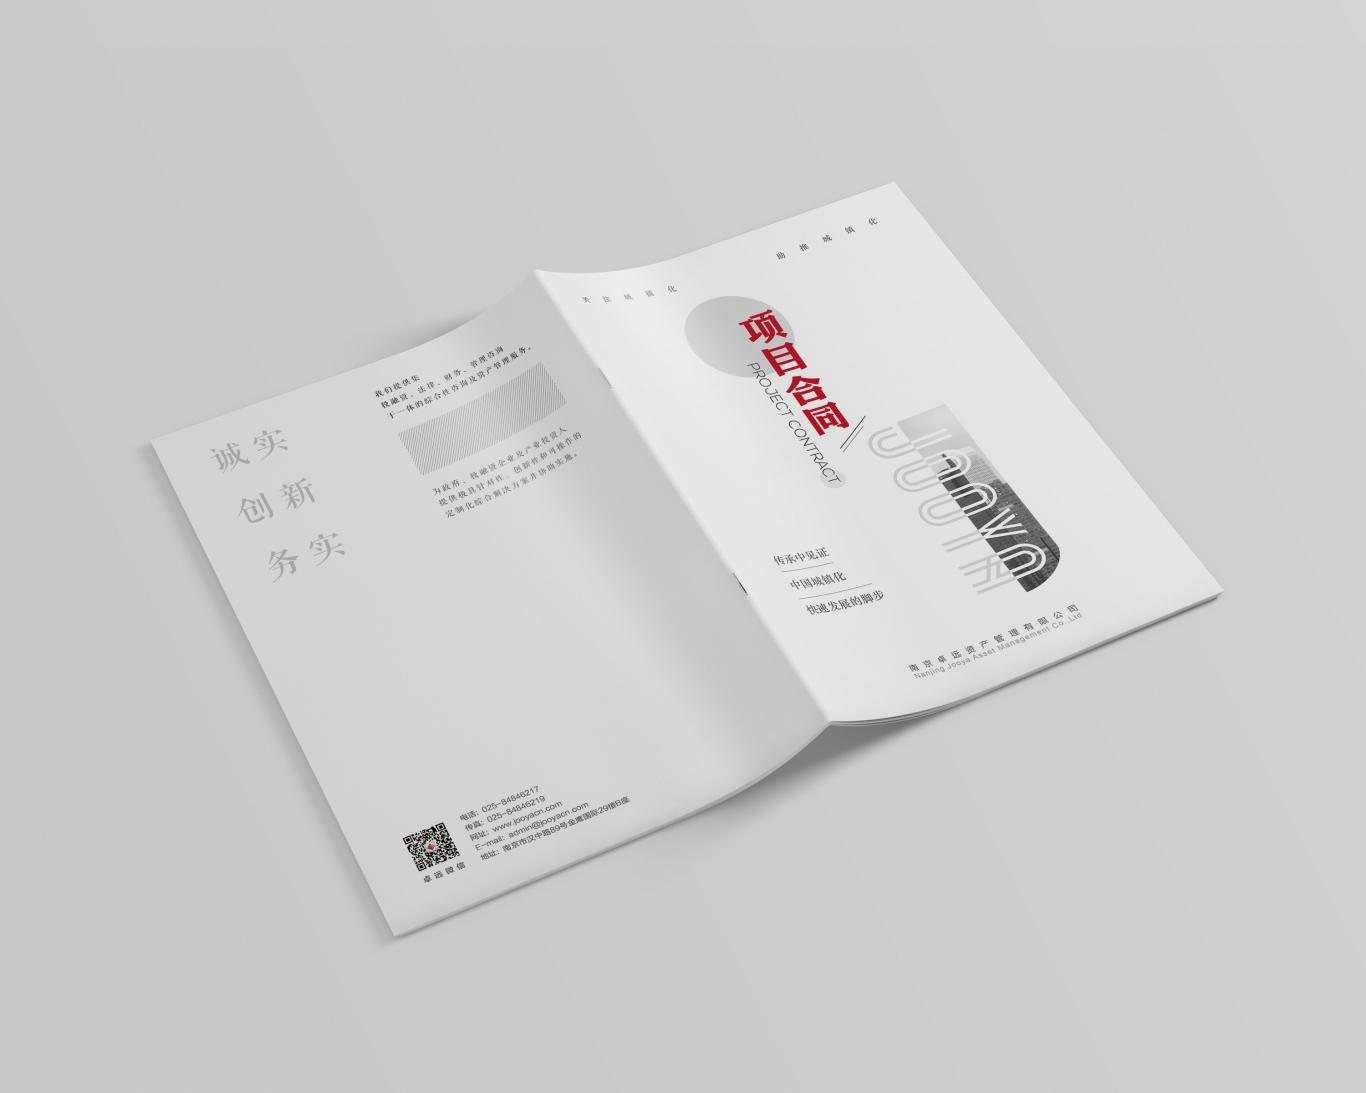 项目合同的封面设计图片